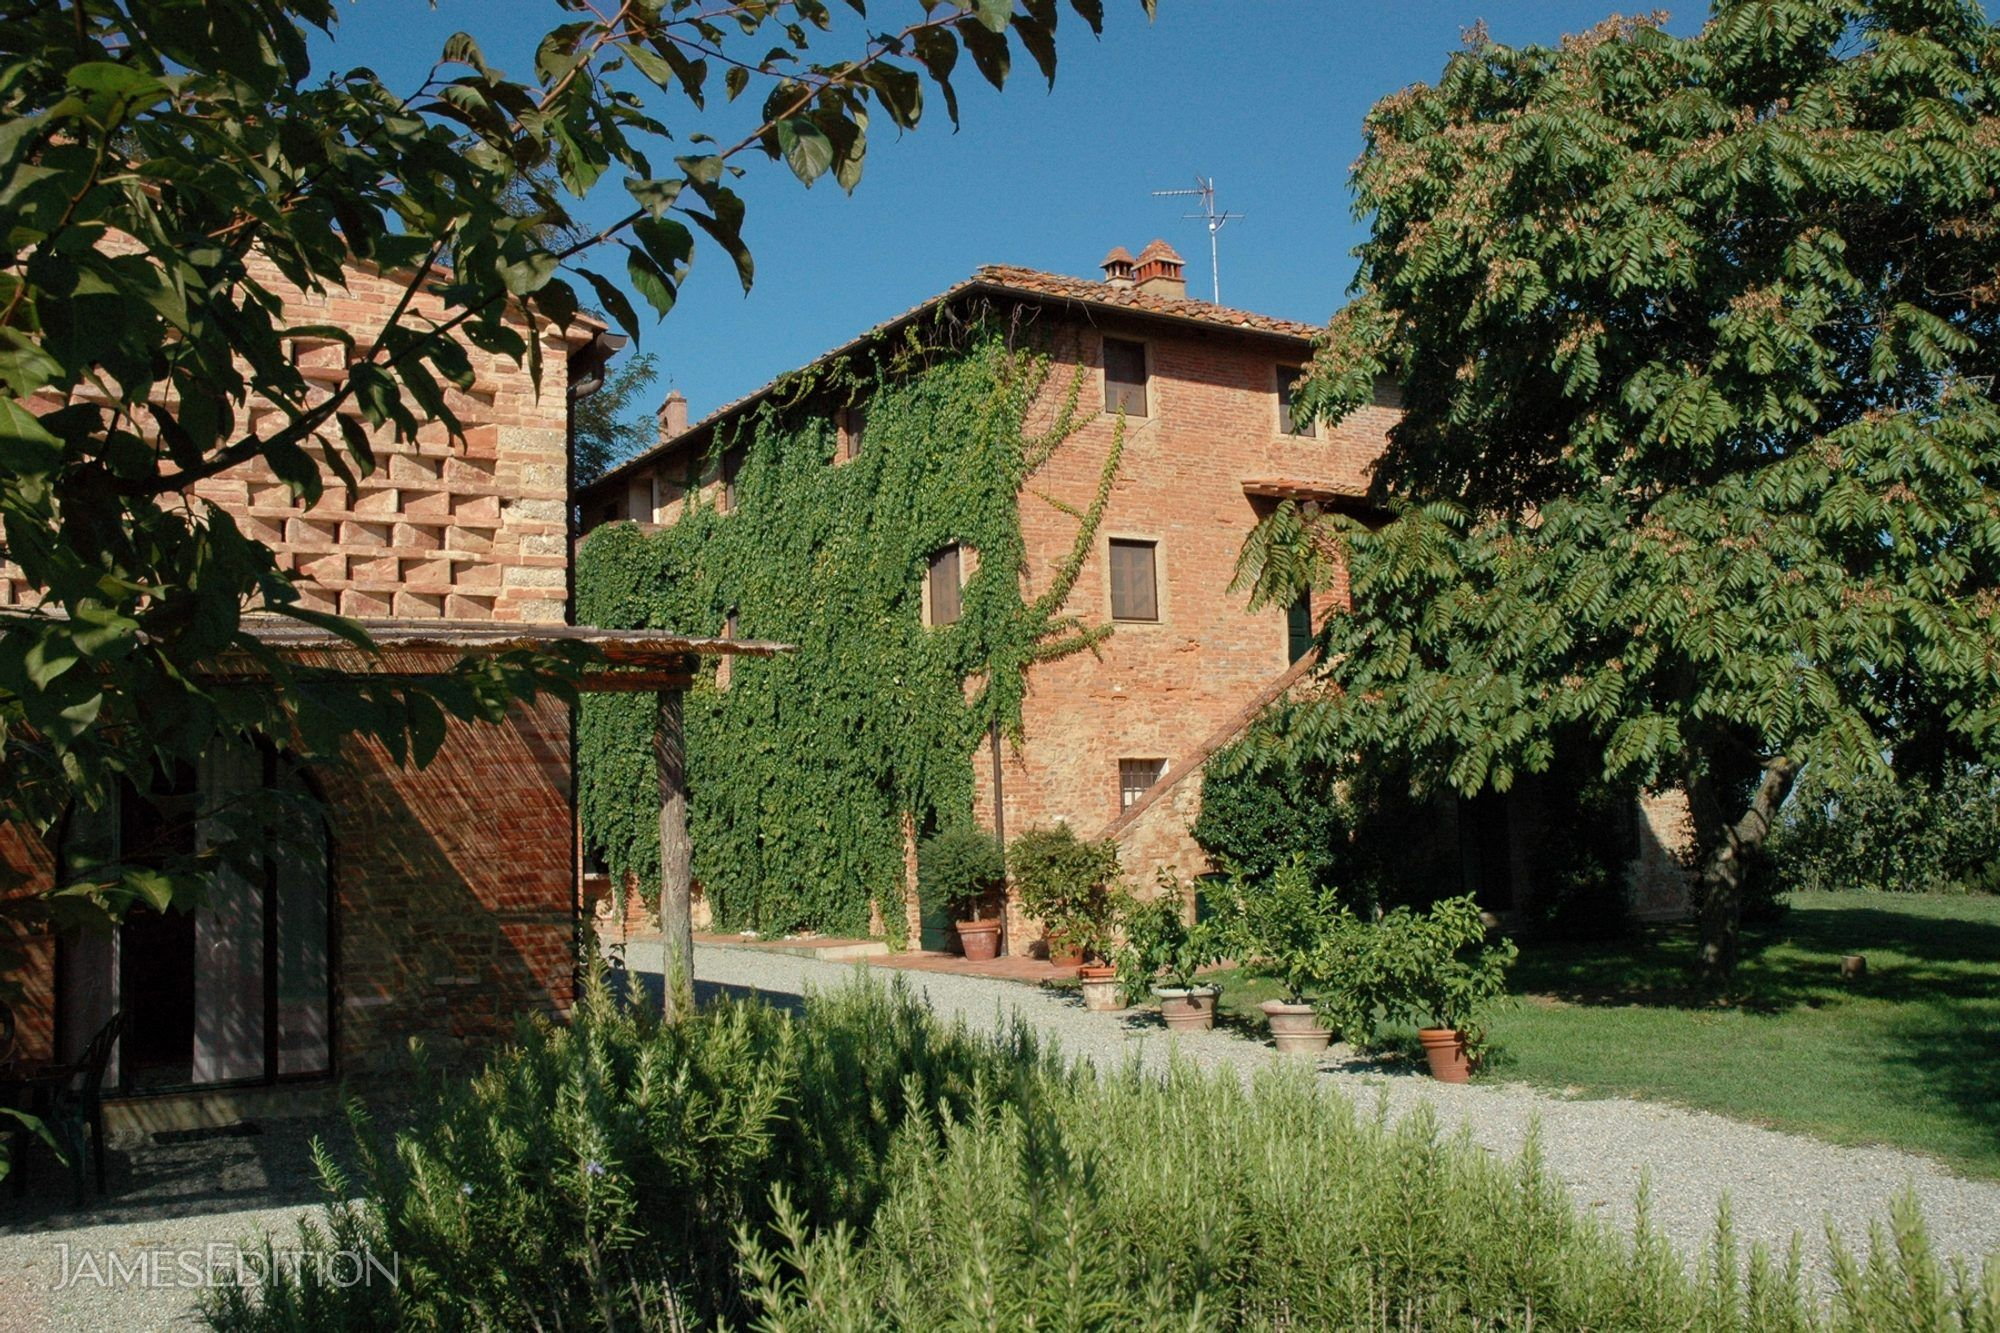 House in Palaia, Tuscany, Italy 1